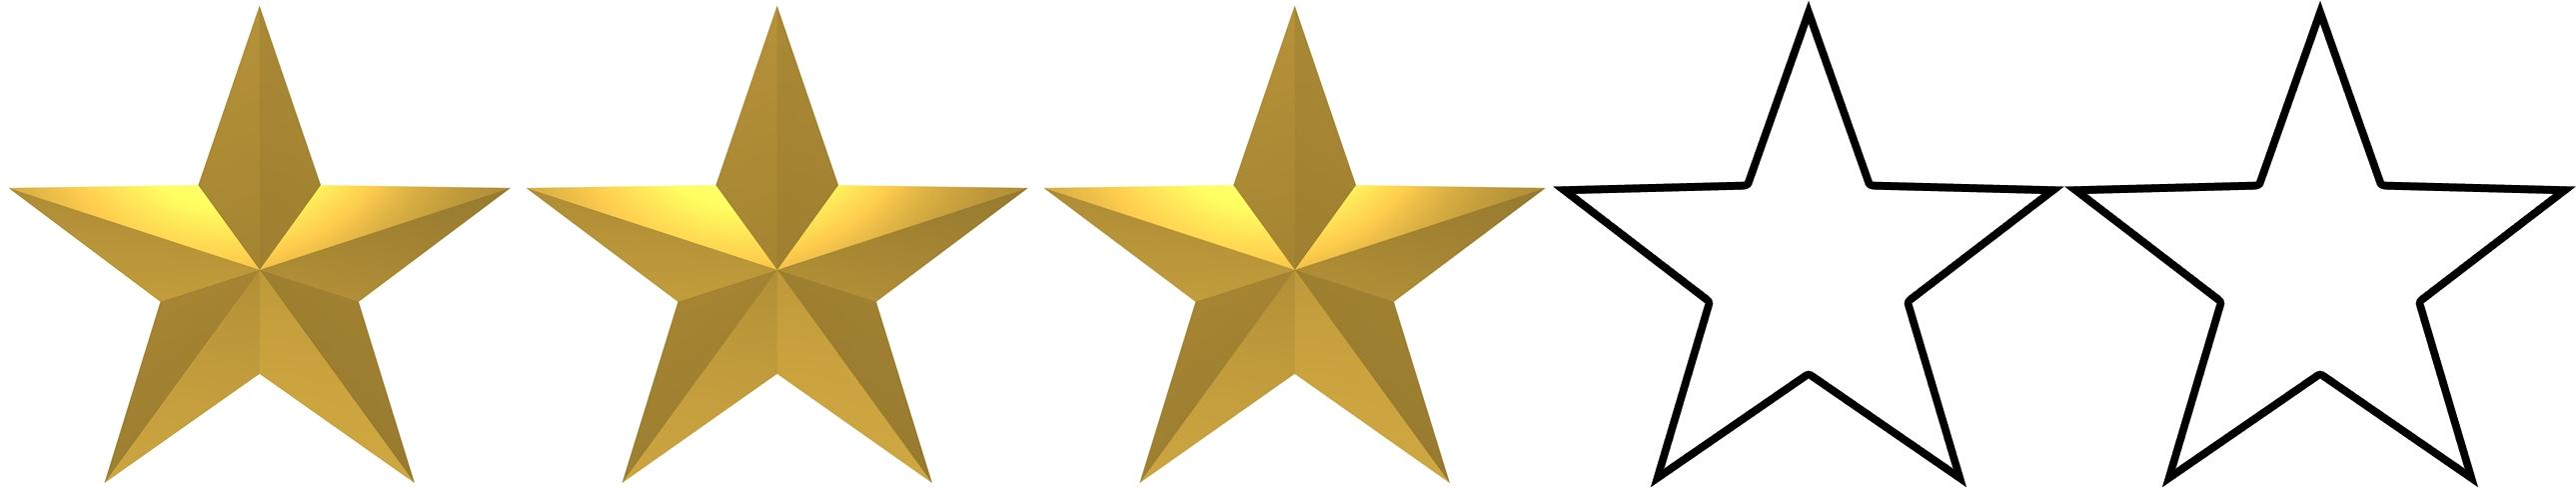 Risultati immagini per 3 stars out of 5